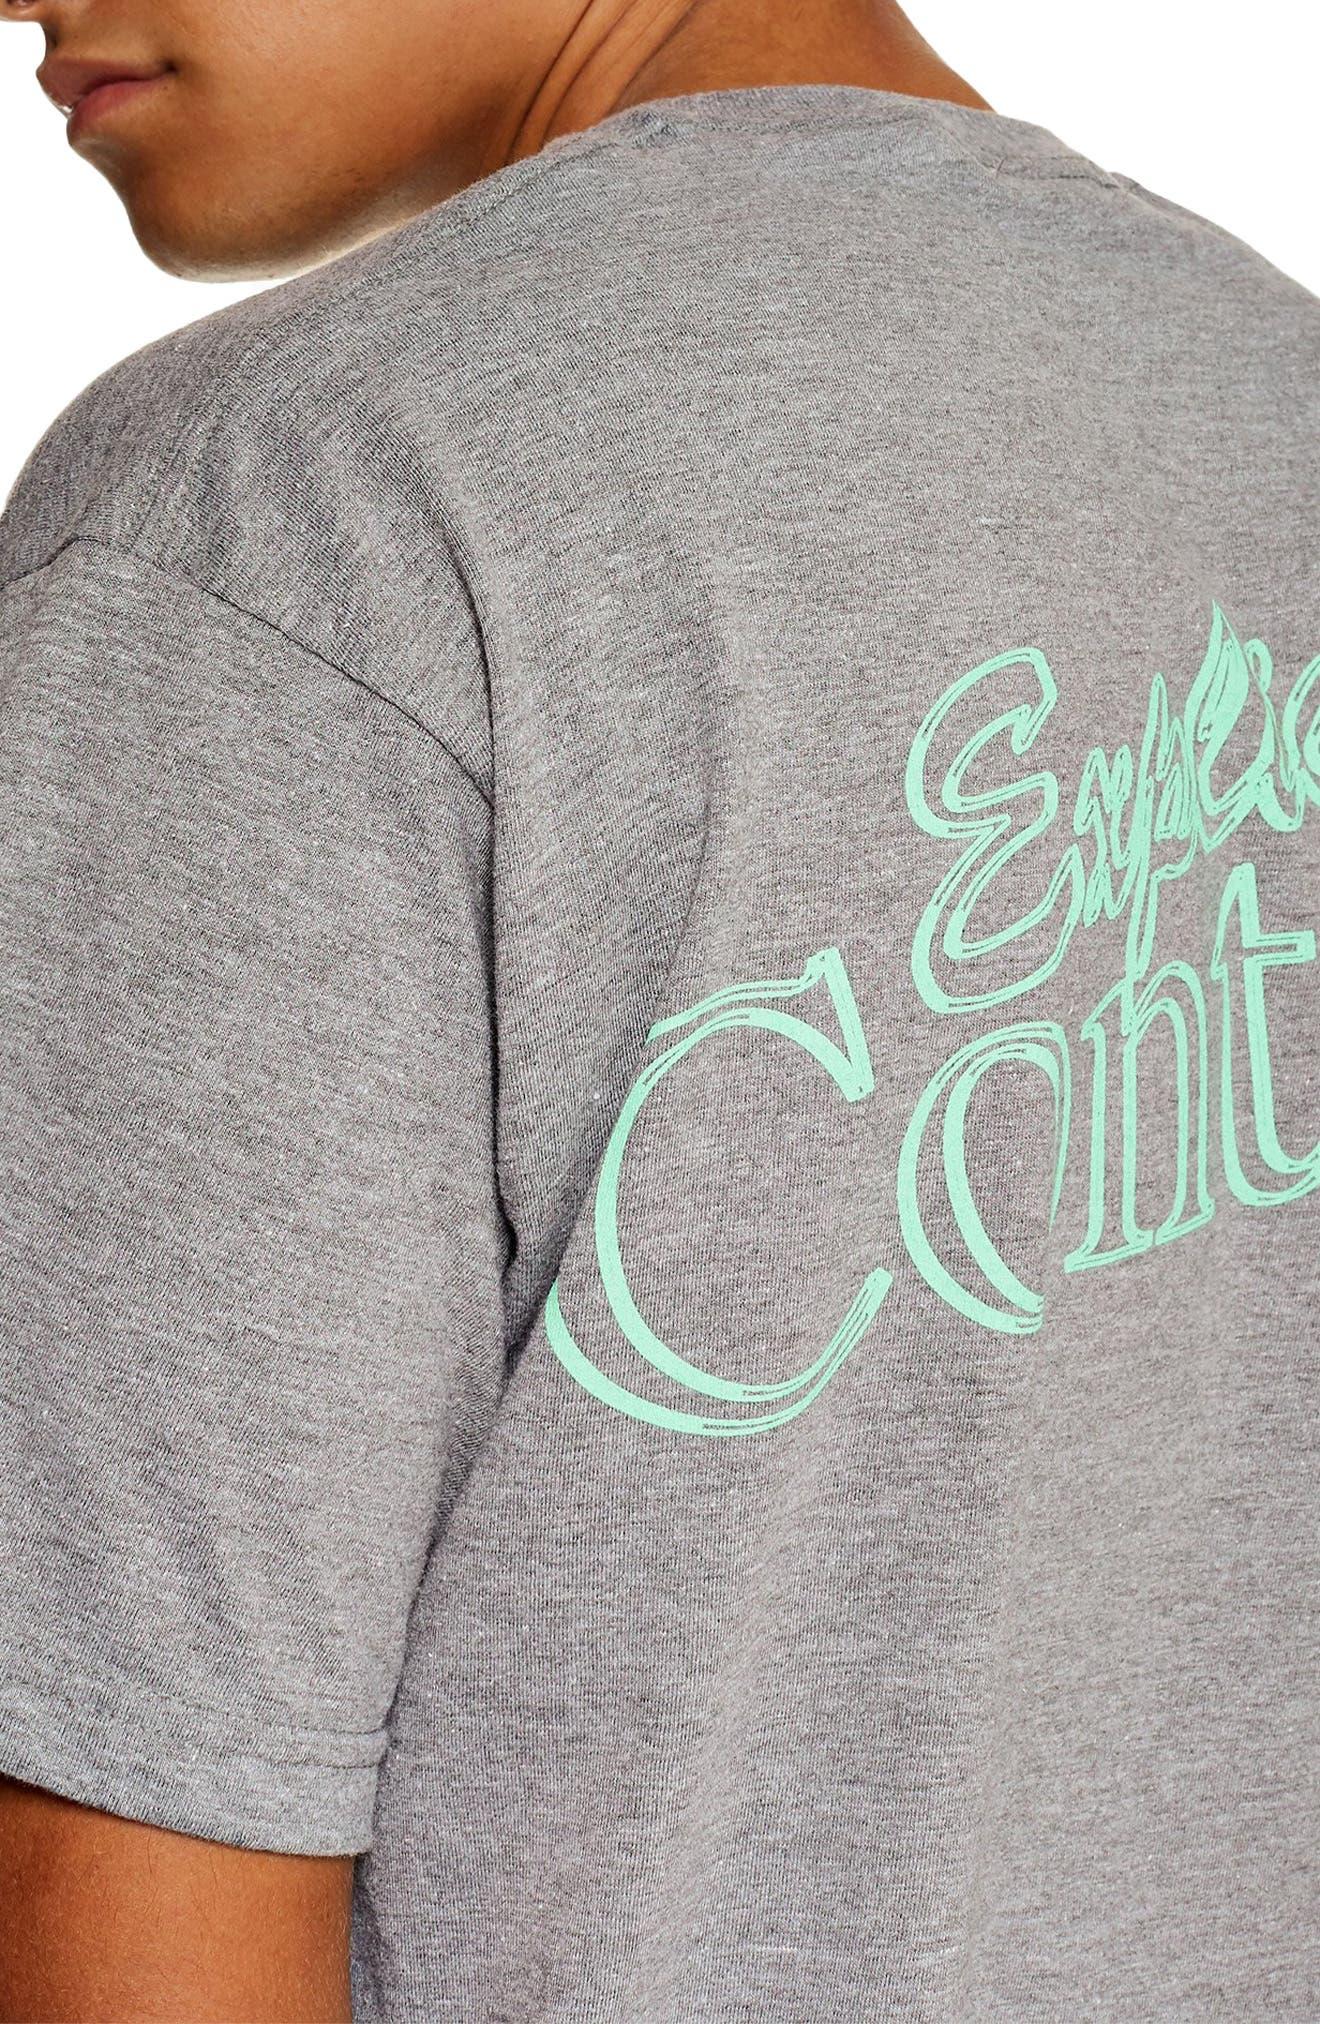 Explicit Content T-Shirt,                             Alternate thumbnail 3, color,                             GREY